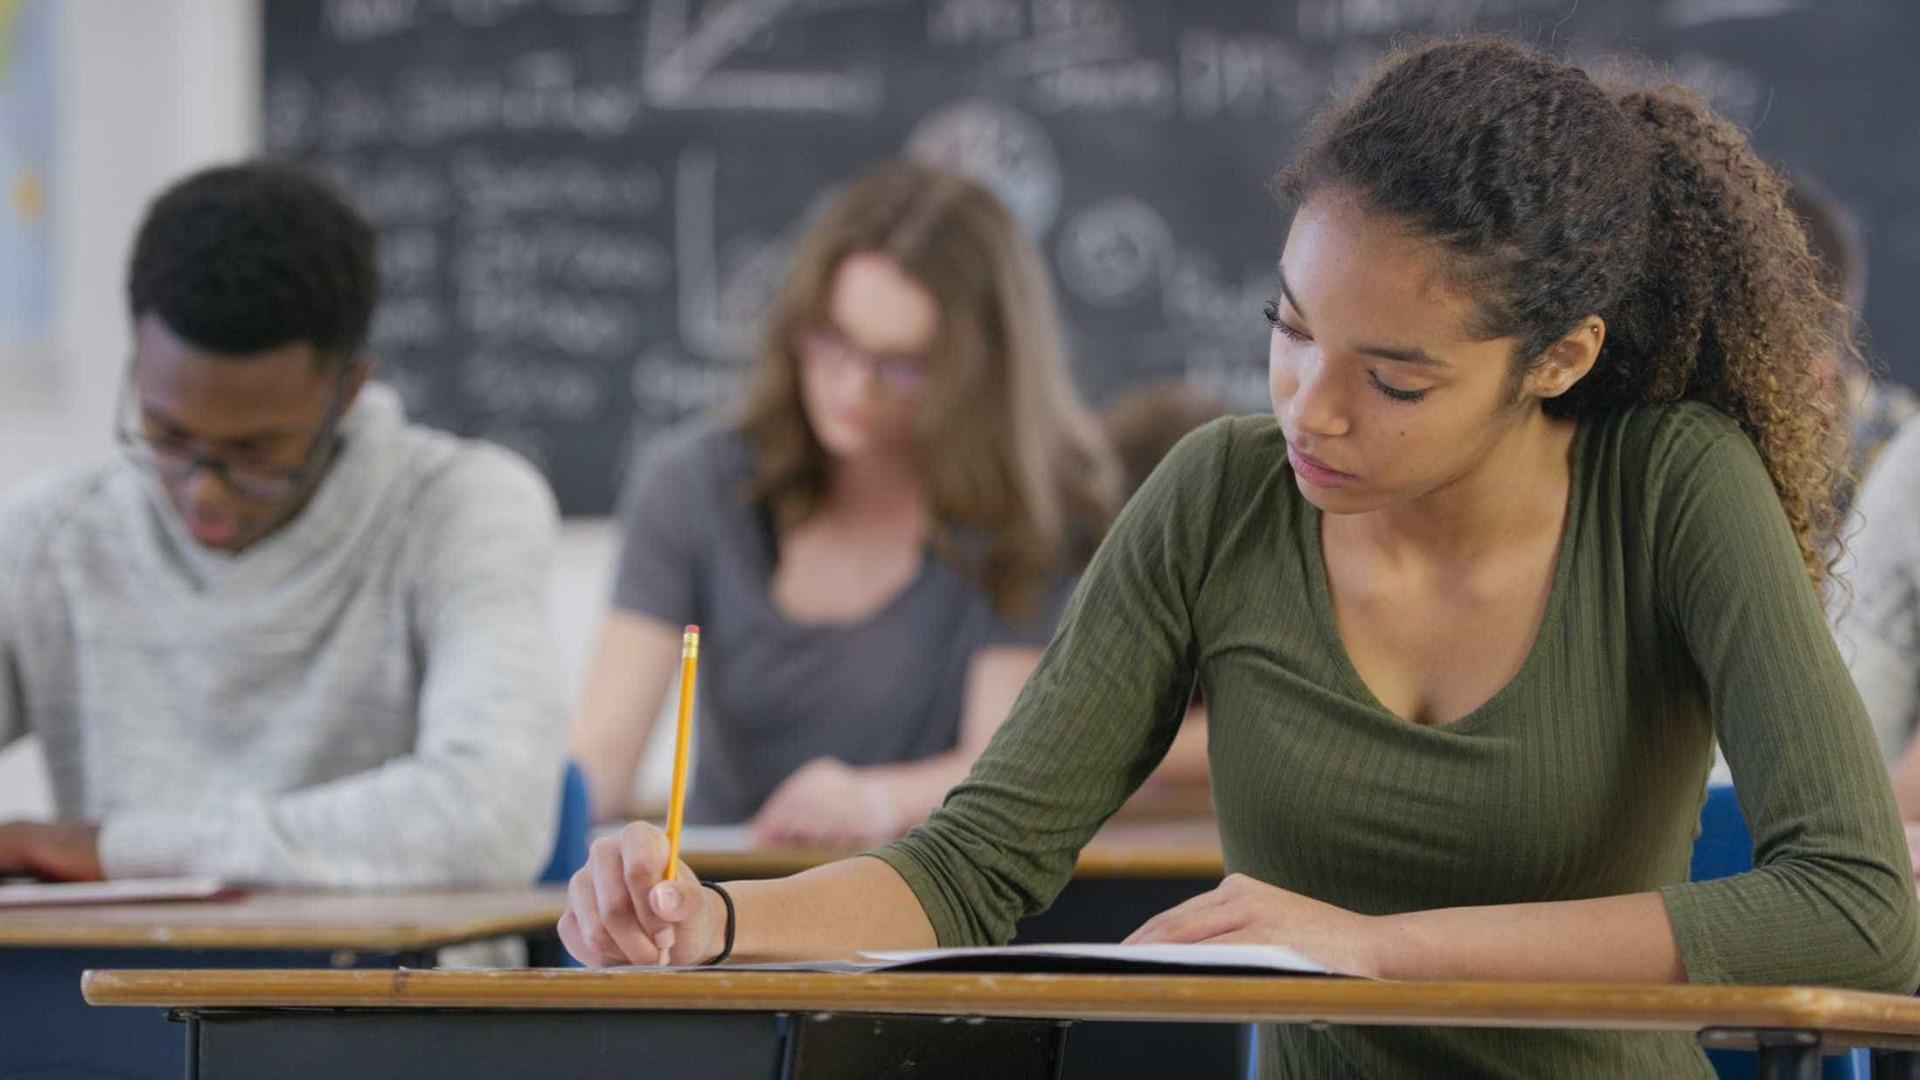 Governo quer liberar até 40% do ensino médio a distância